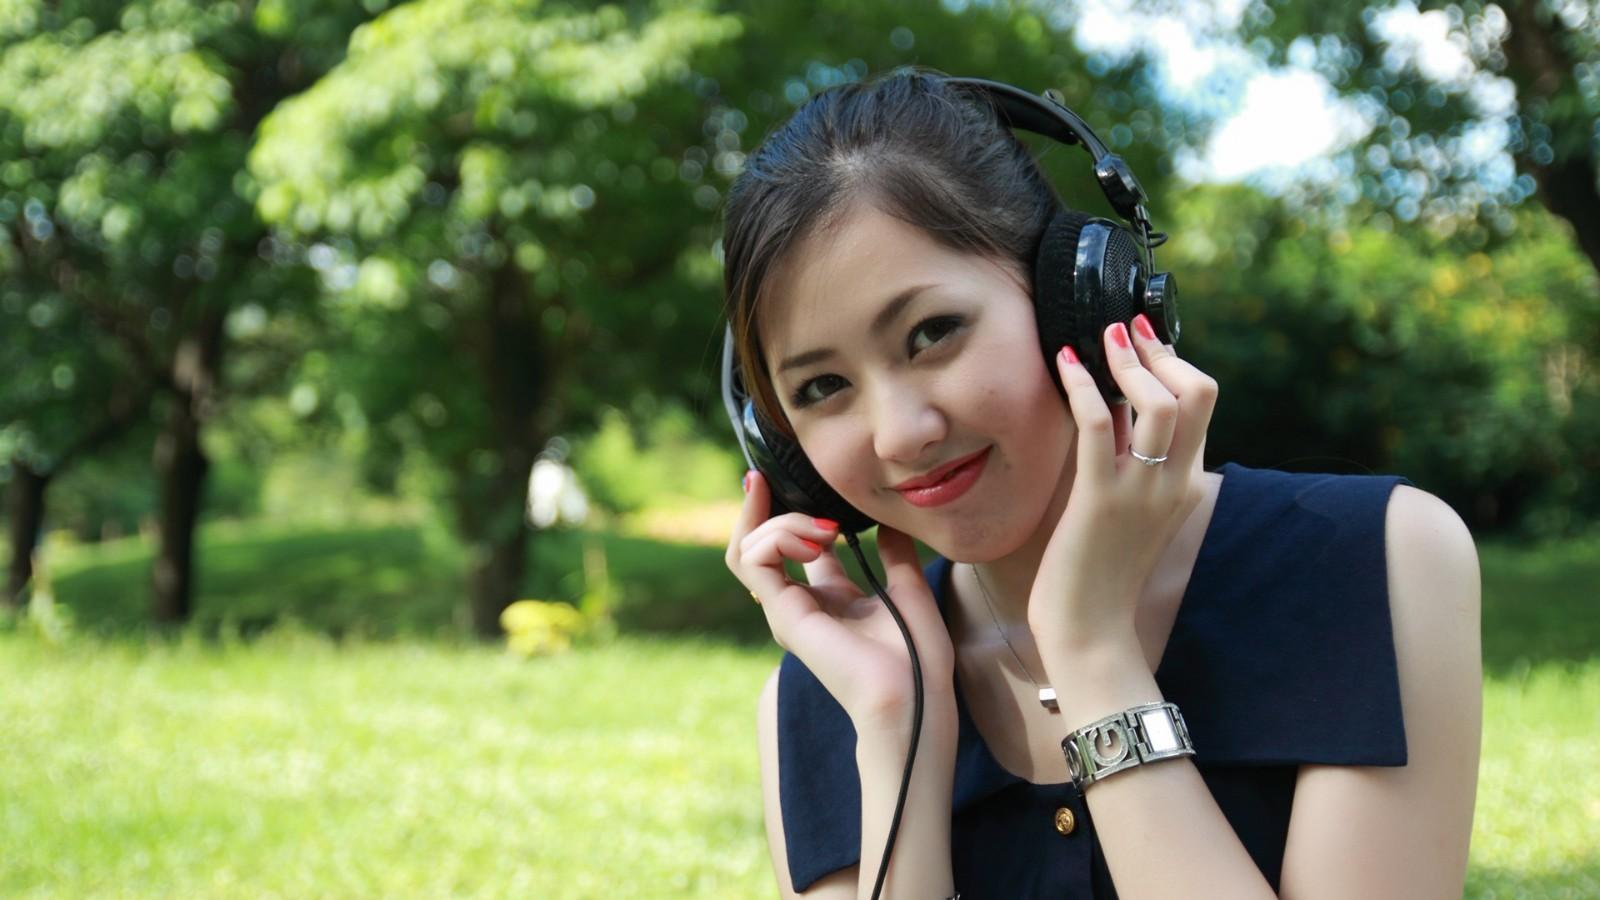 漂亮美女 绿色树林 耳机 美女桌面壁纸